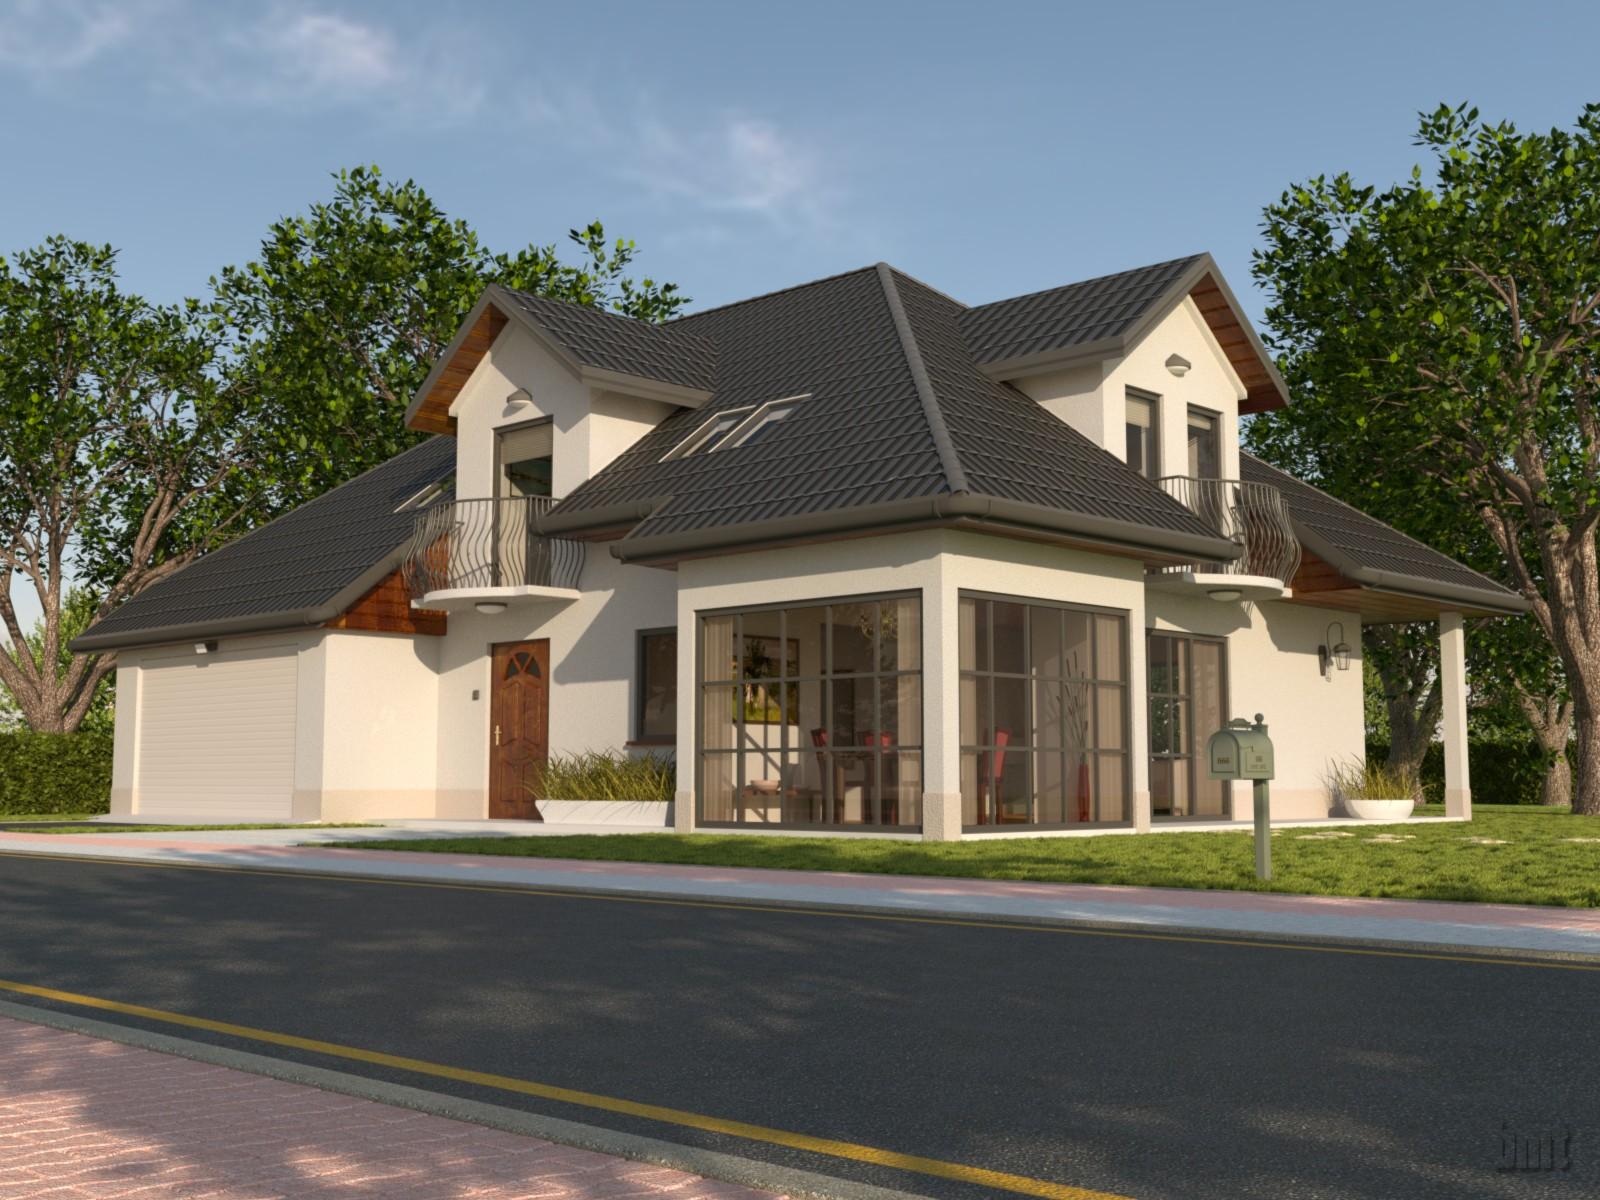 Wizualizacje architektoniczne dom